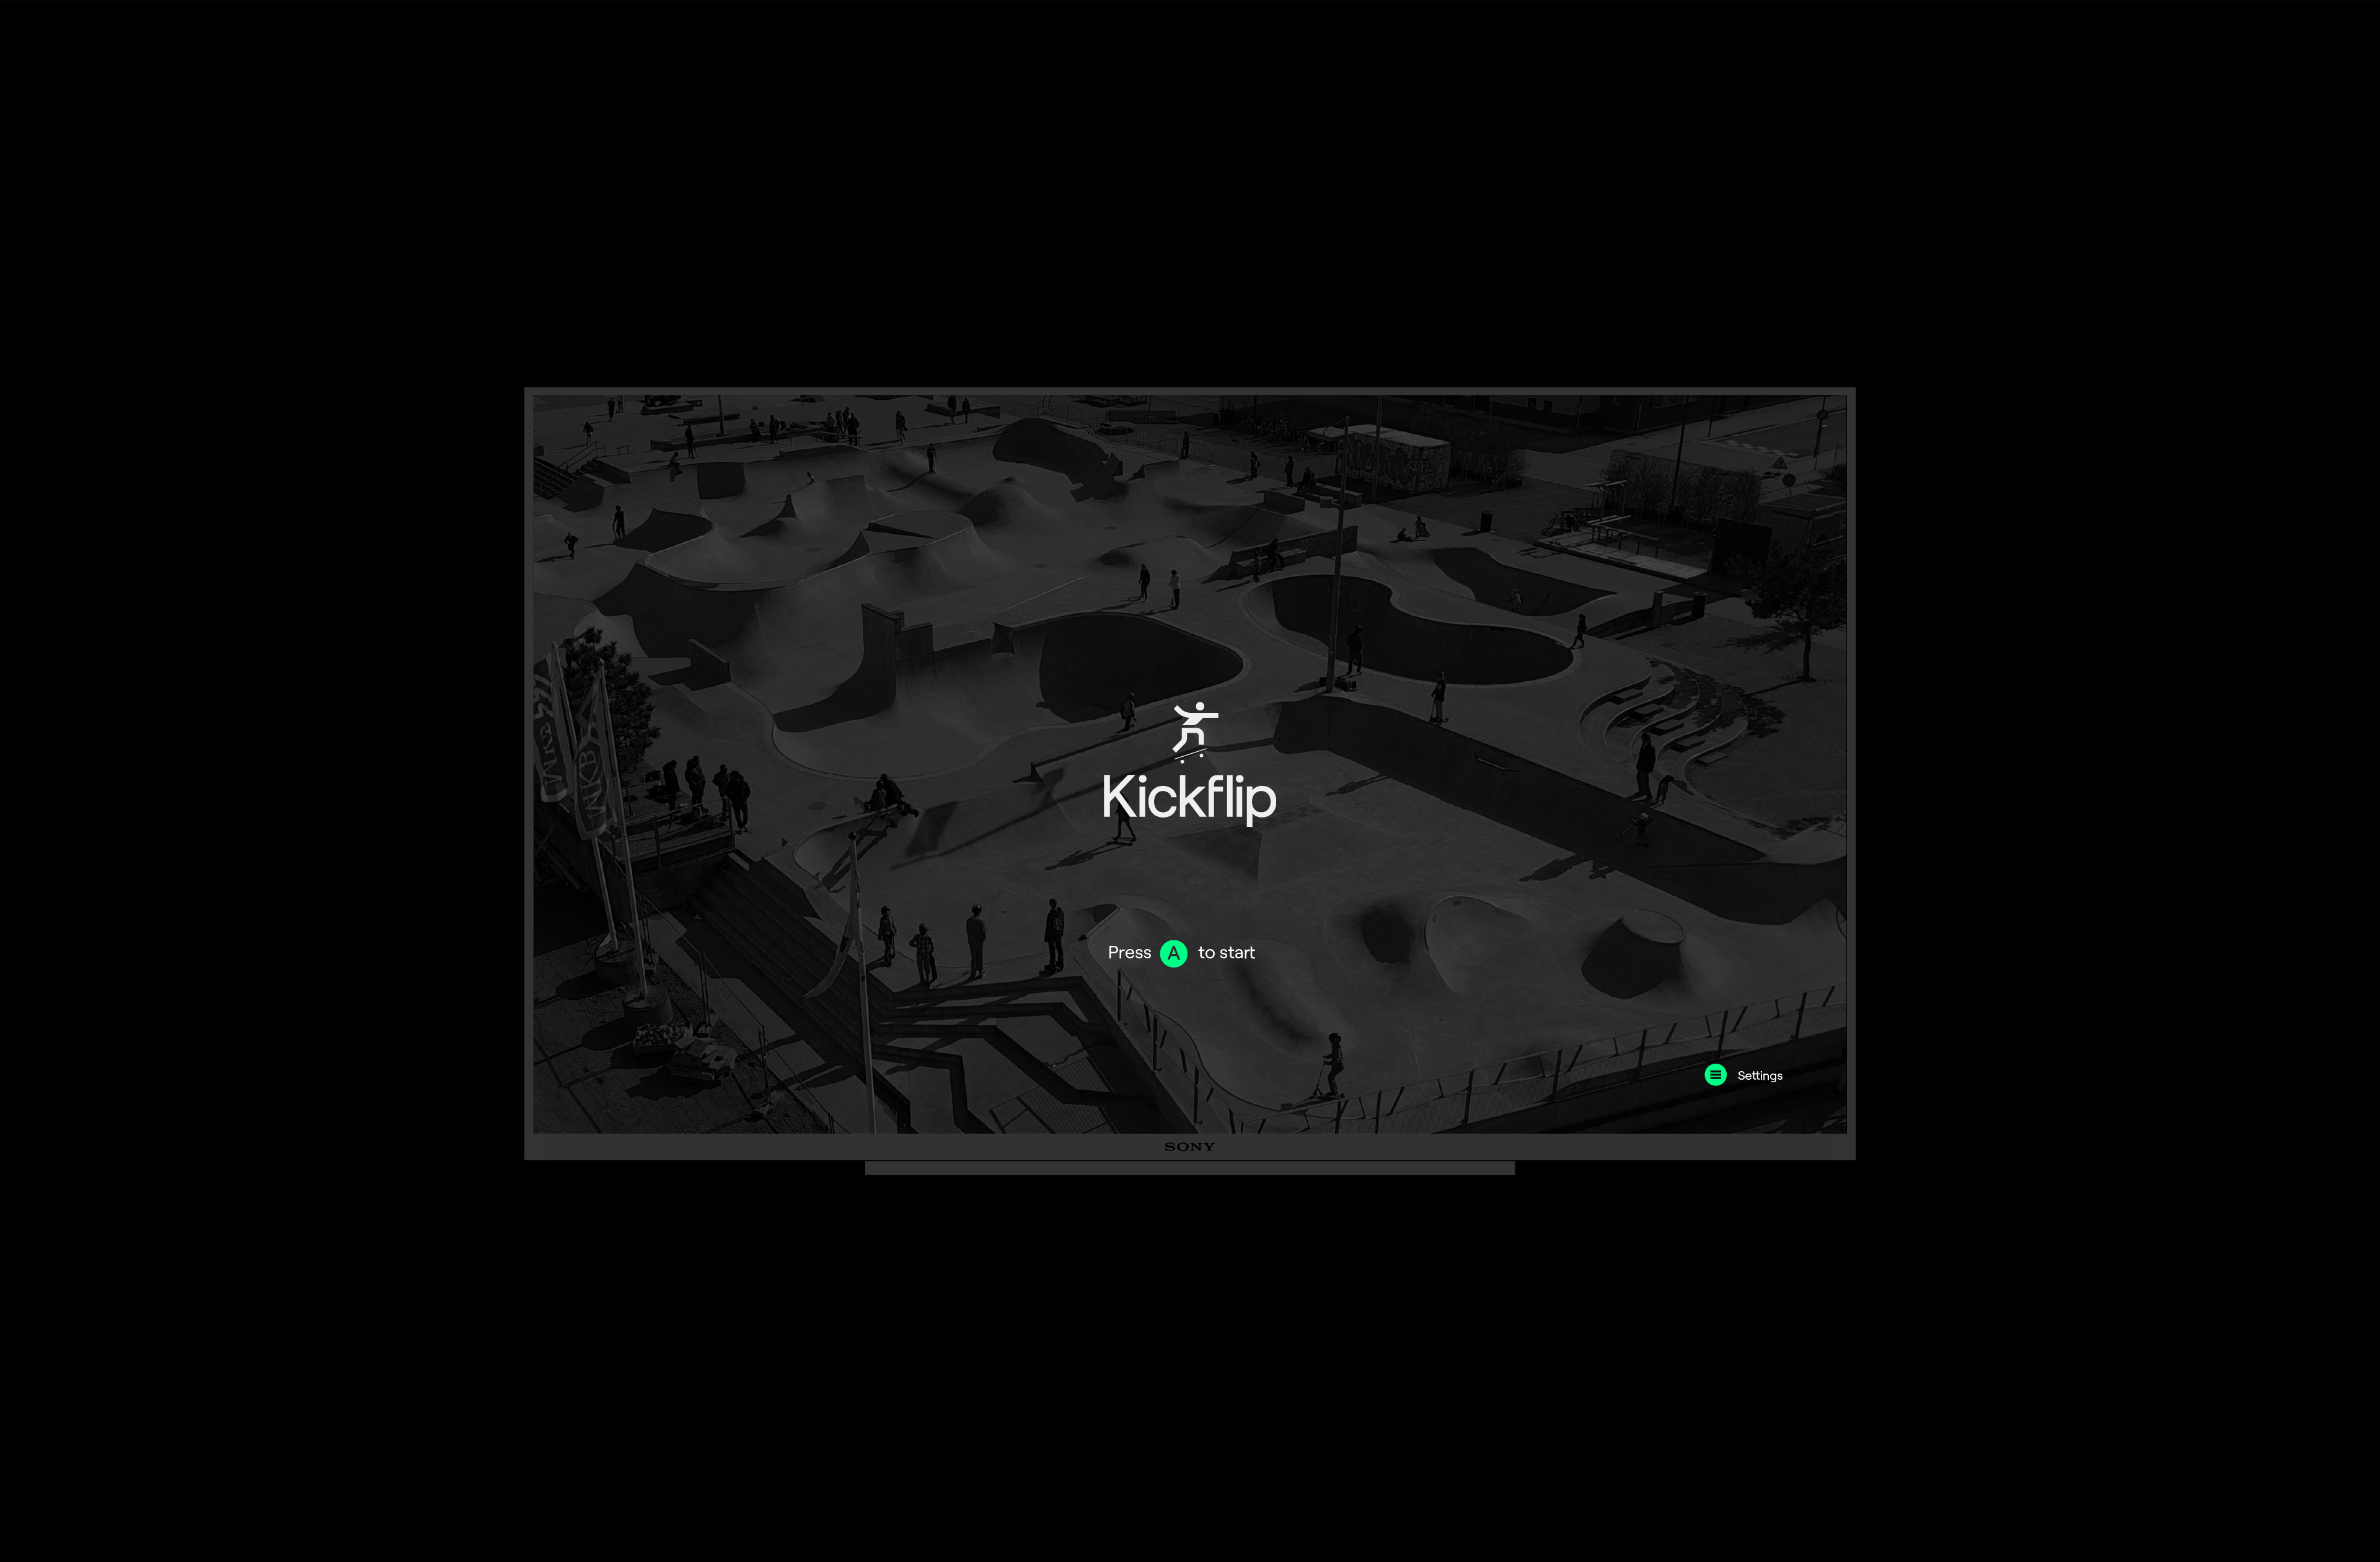 KF-title-screen-2x